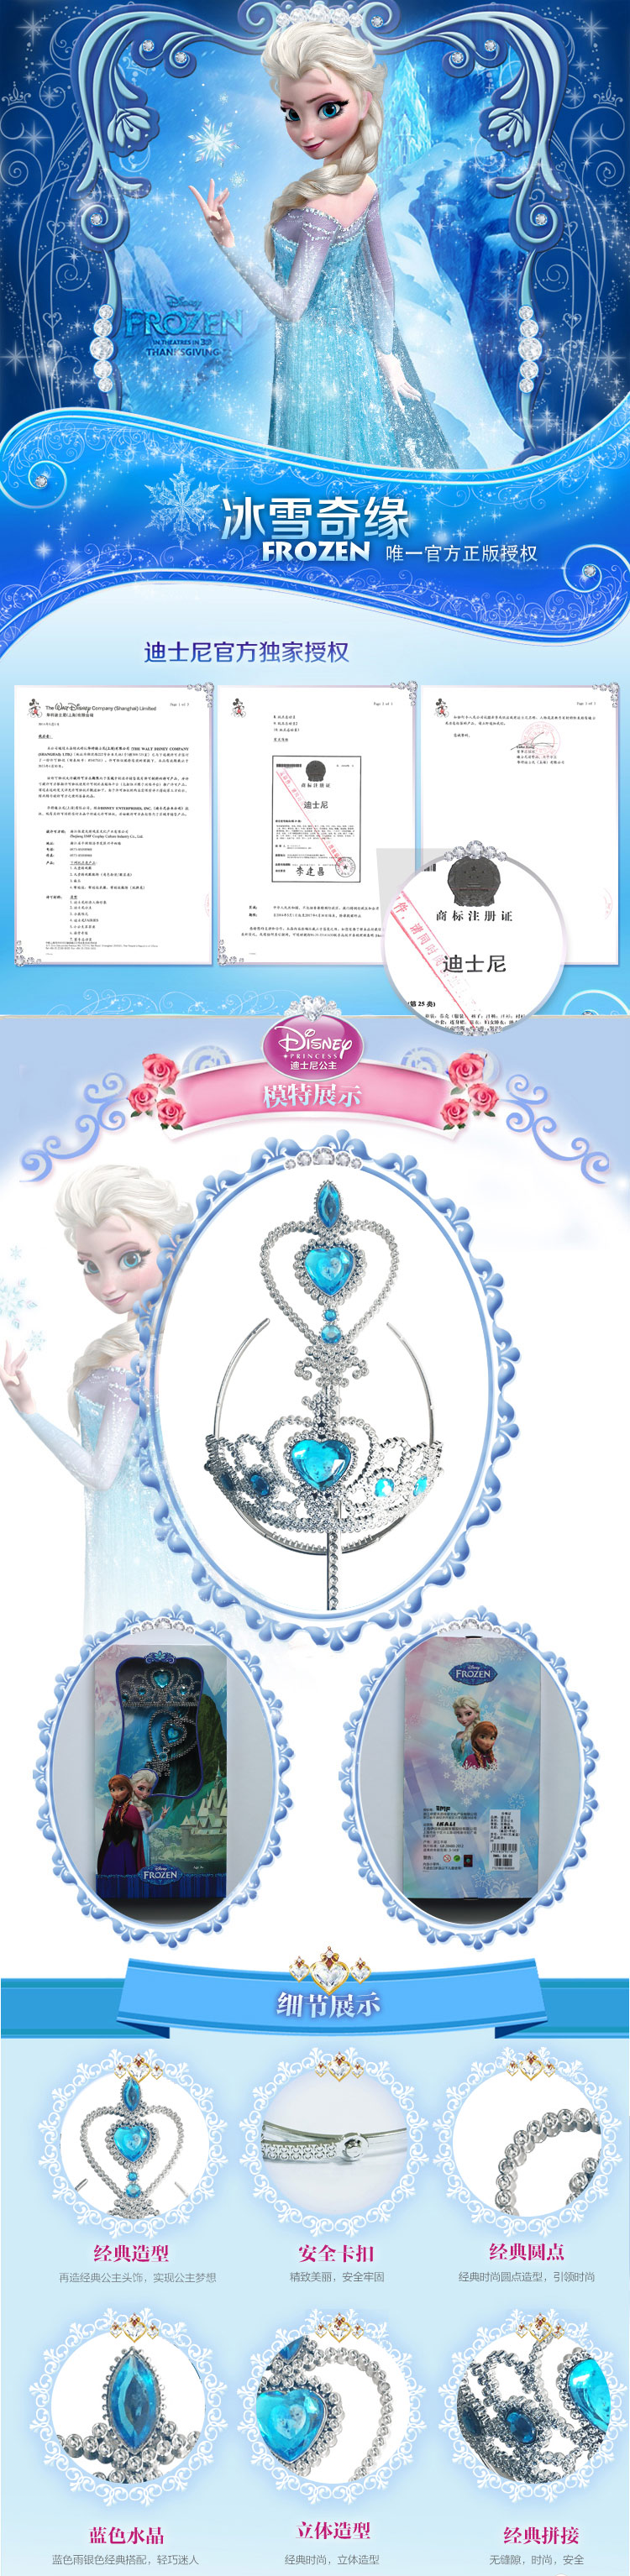 冰雪奇缘艾莎公主皇冠 手杖套装